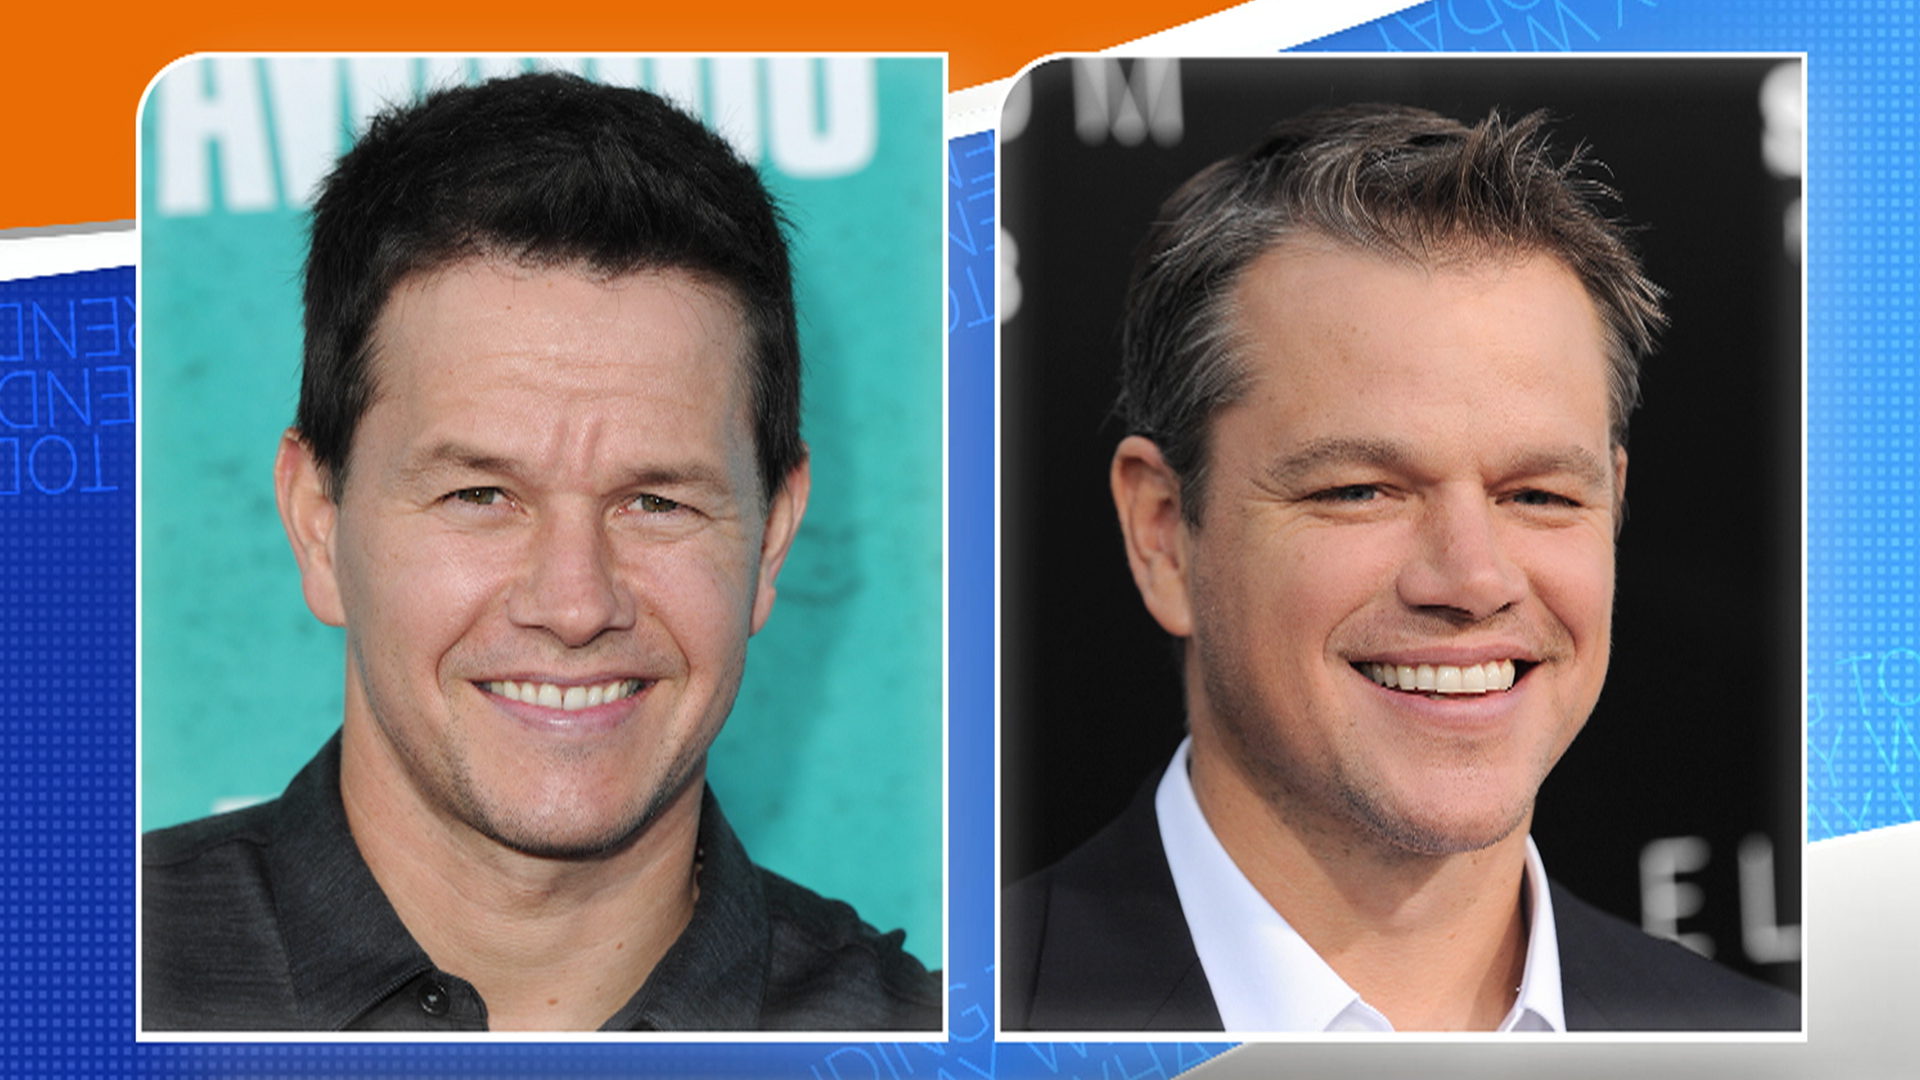 Mark Wahlberg Gets Mistaken For Matt Damon